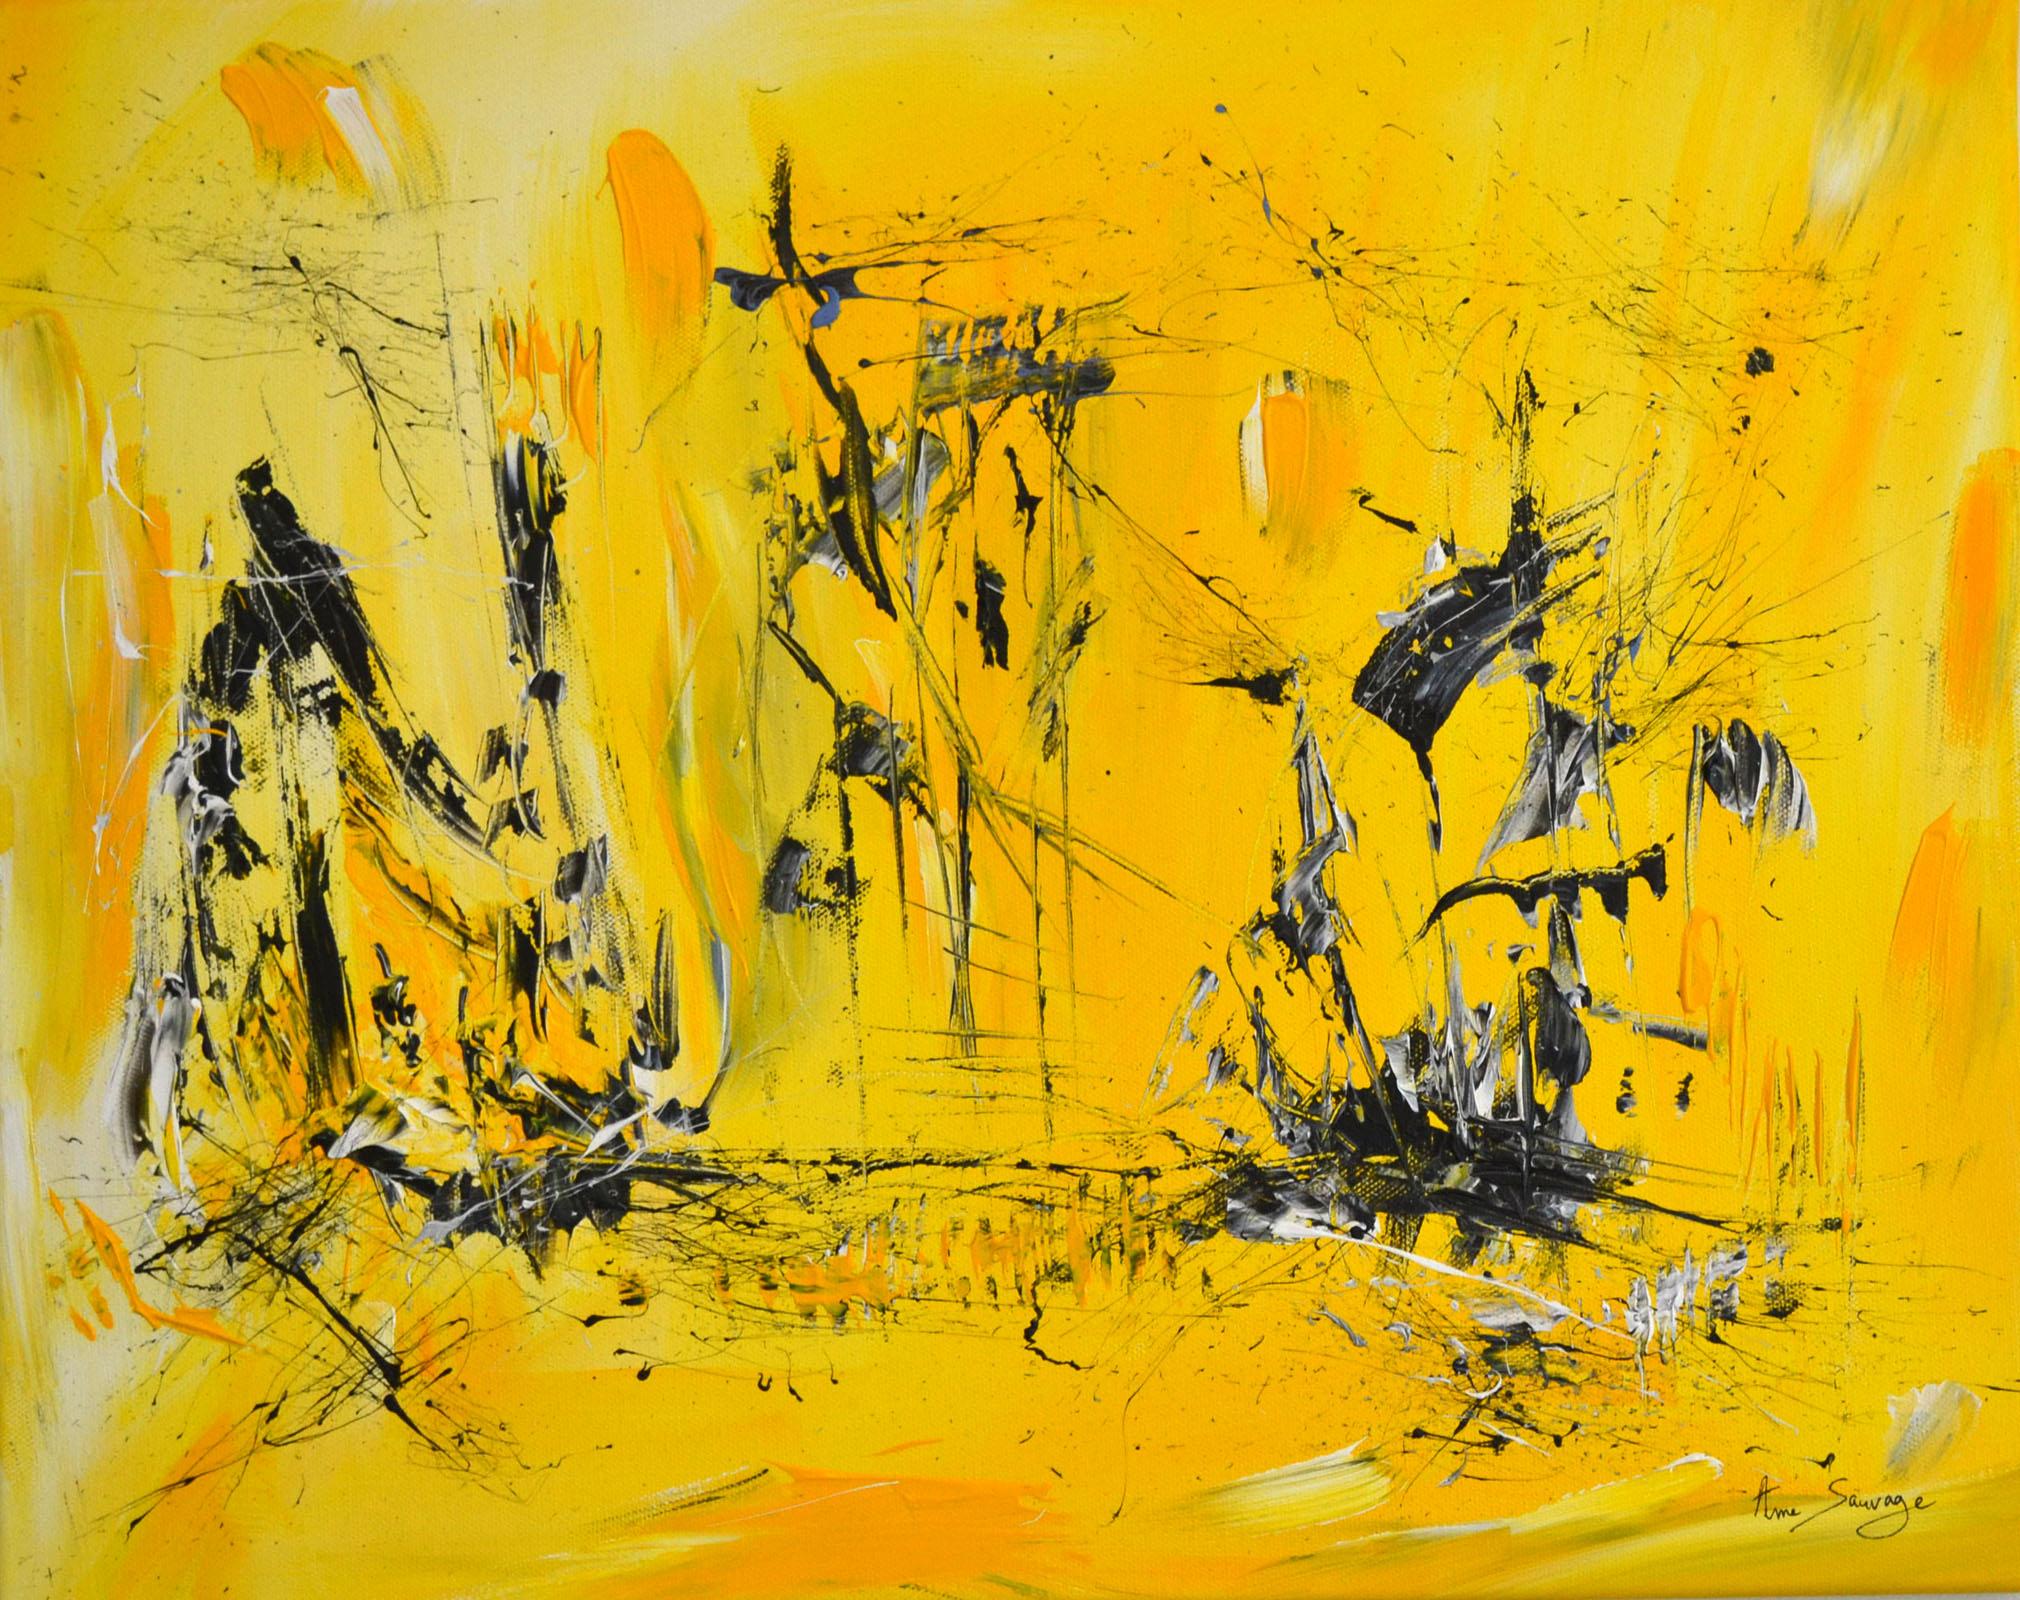 tableau-couleur-chaude-jaune